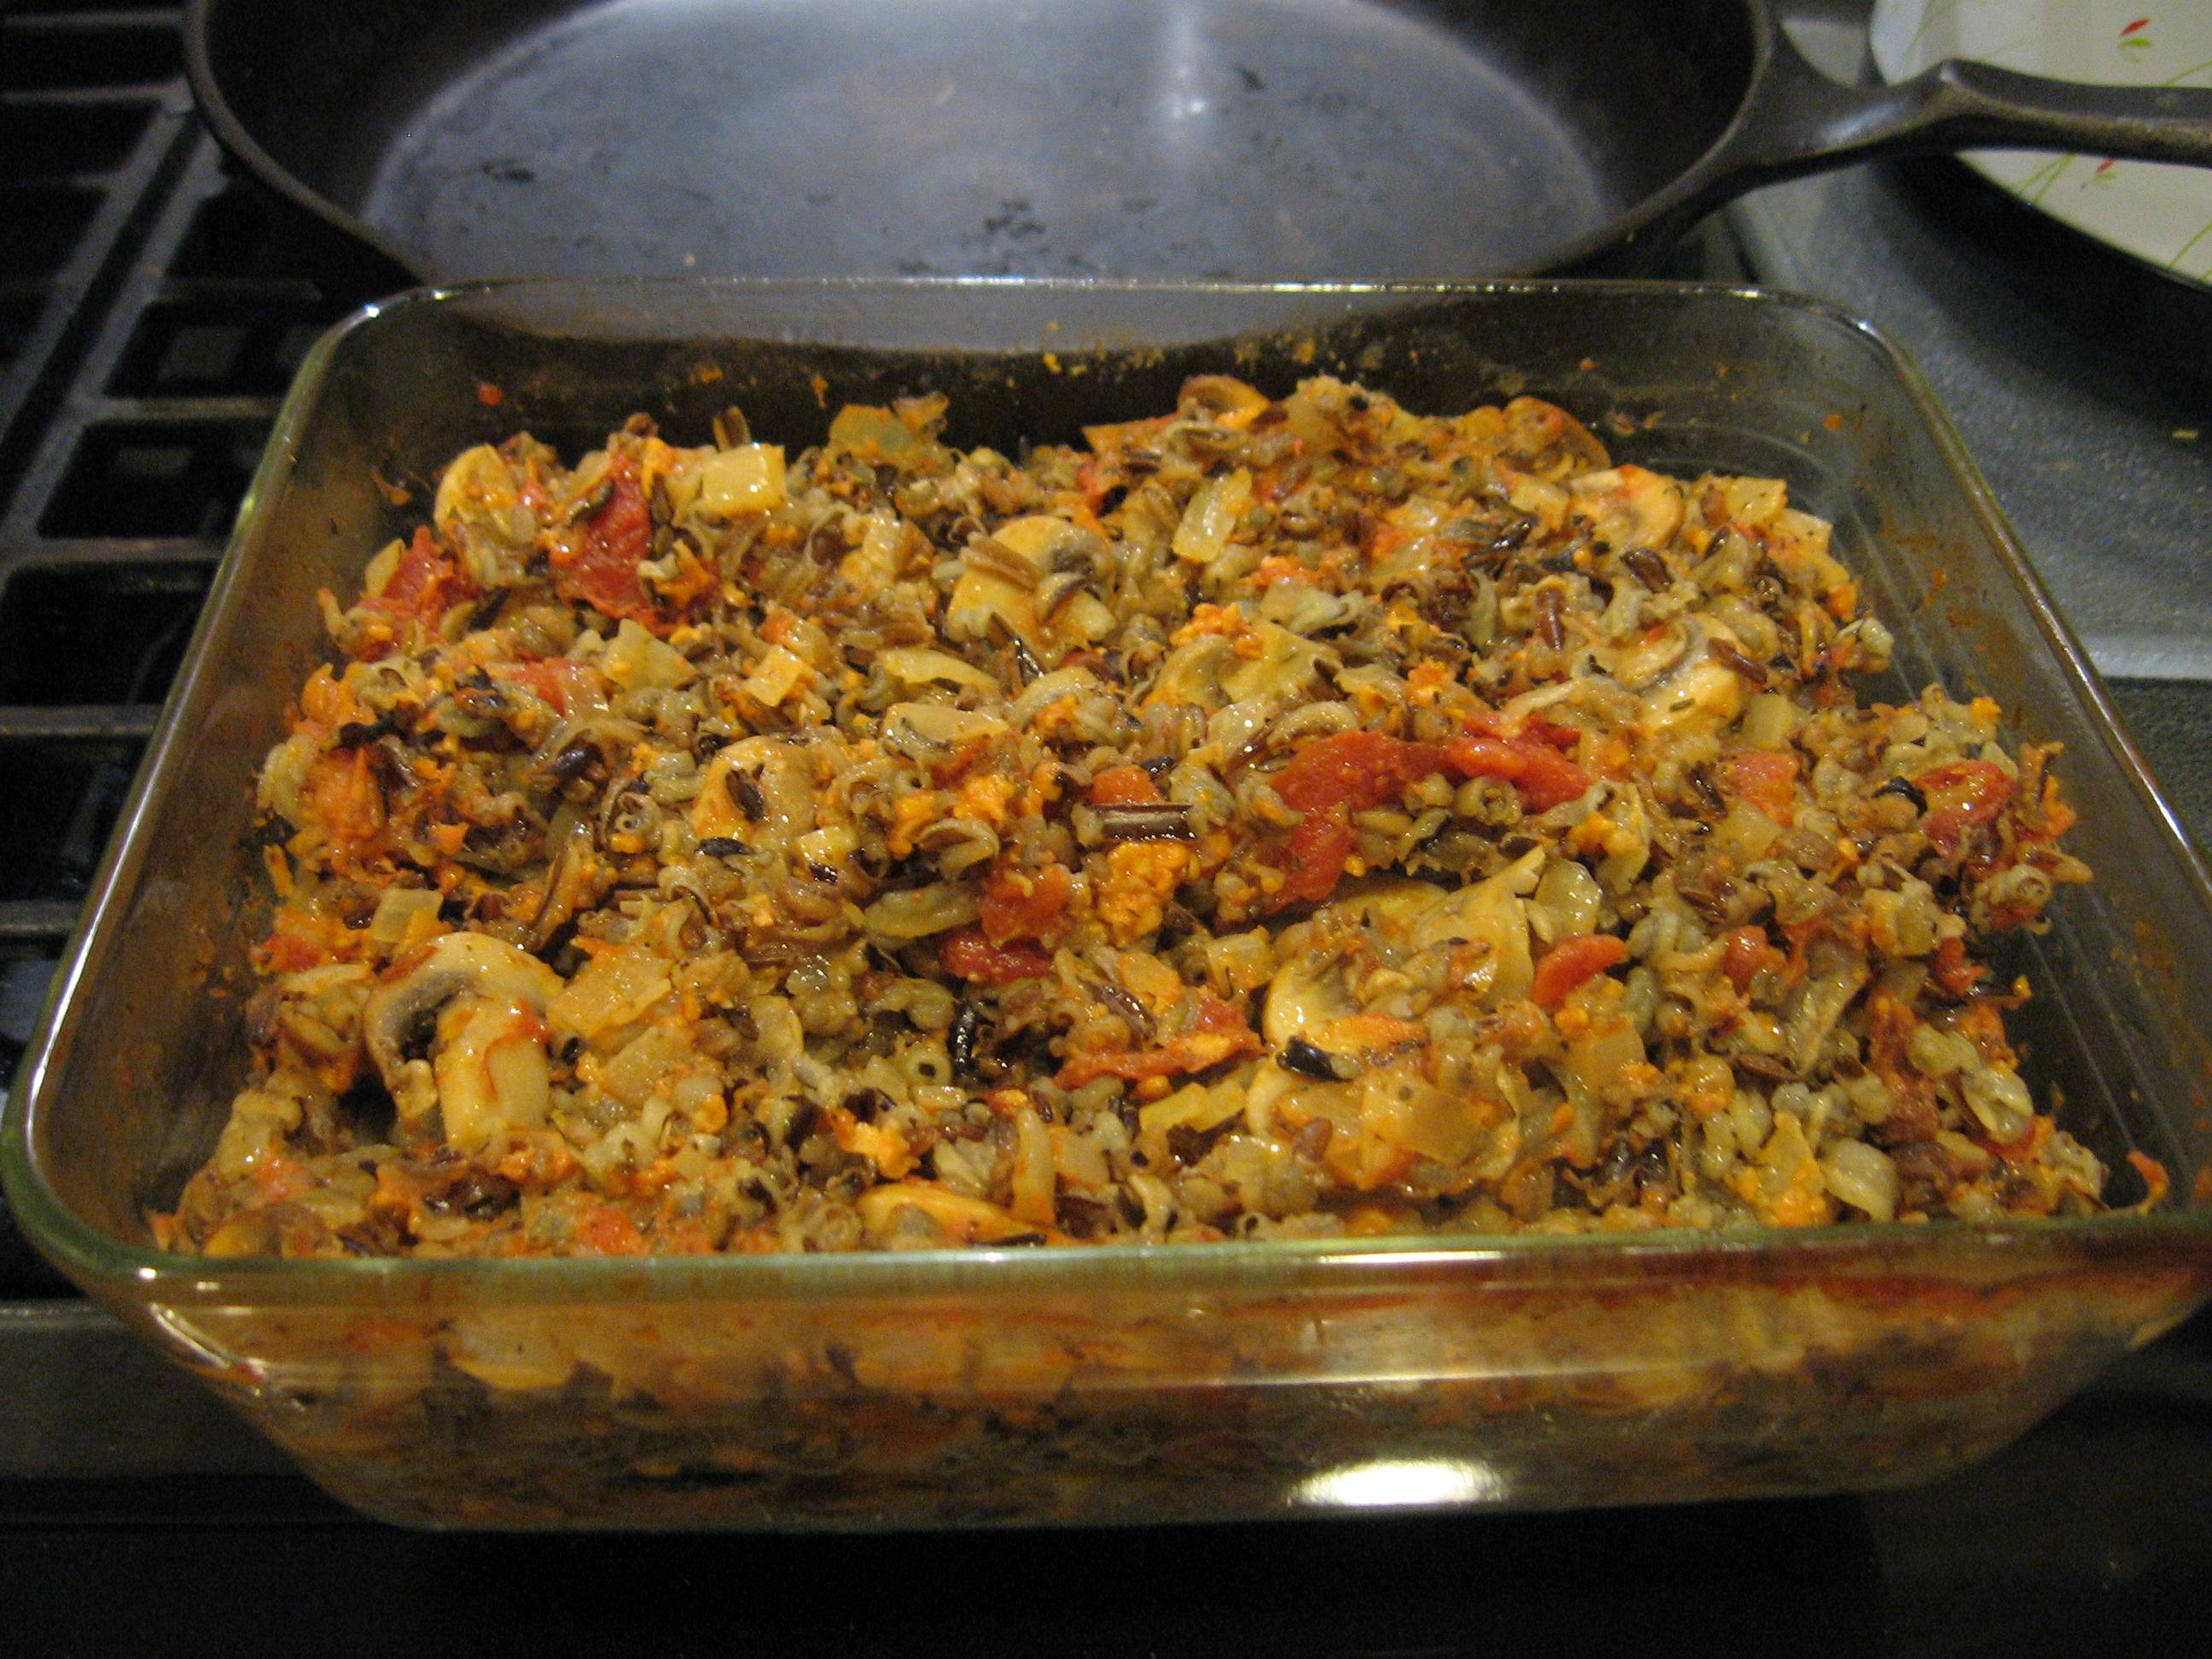 Auntie Kaija's Wild Rice Casserole